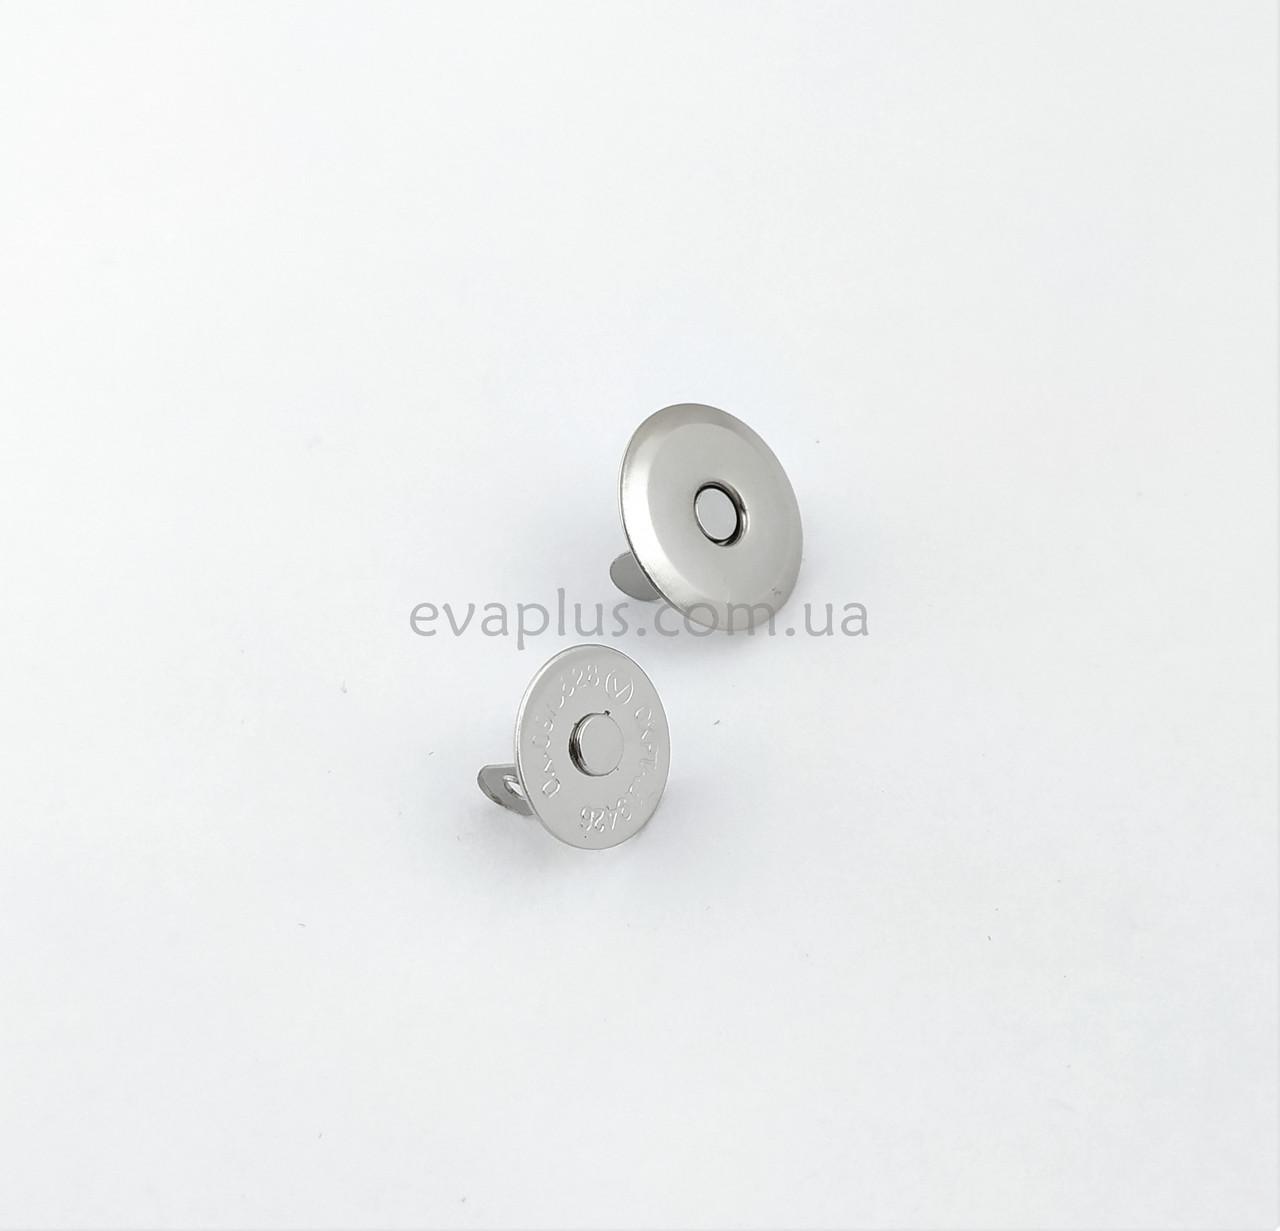 Магнитная кнопка для сумки Т5109 никель